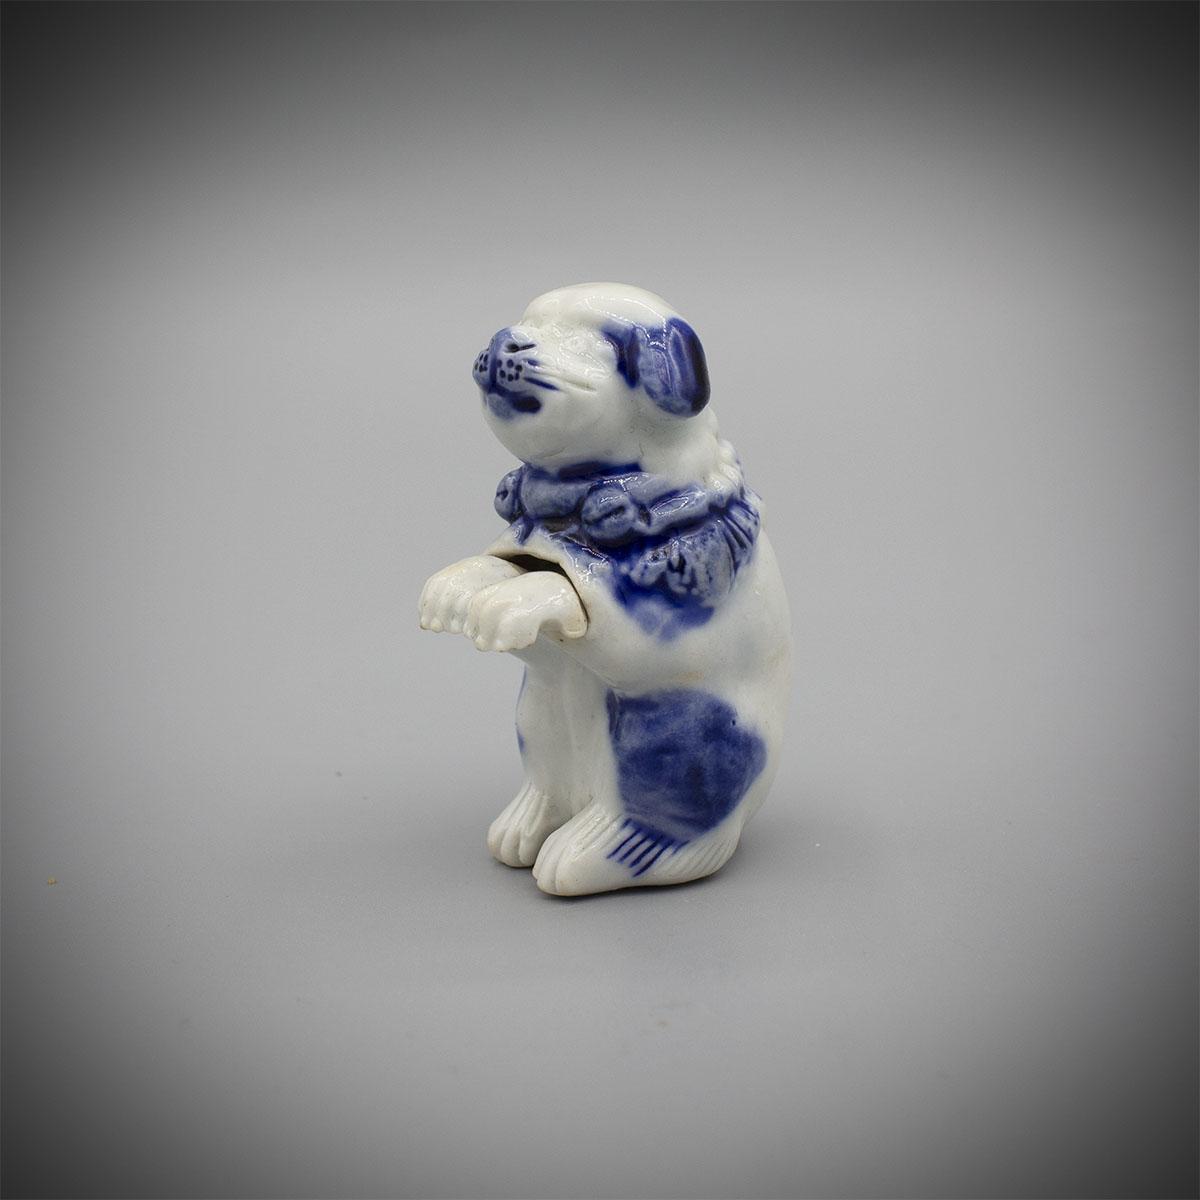 Hirado Blue and White Porcelain Netsuke of a Begging Dog MR3503_v.1